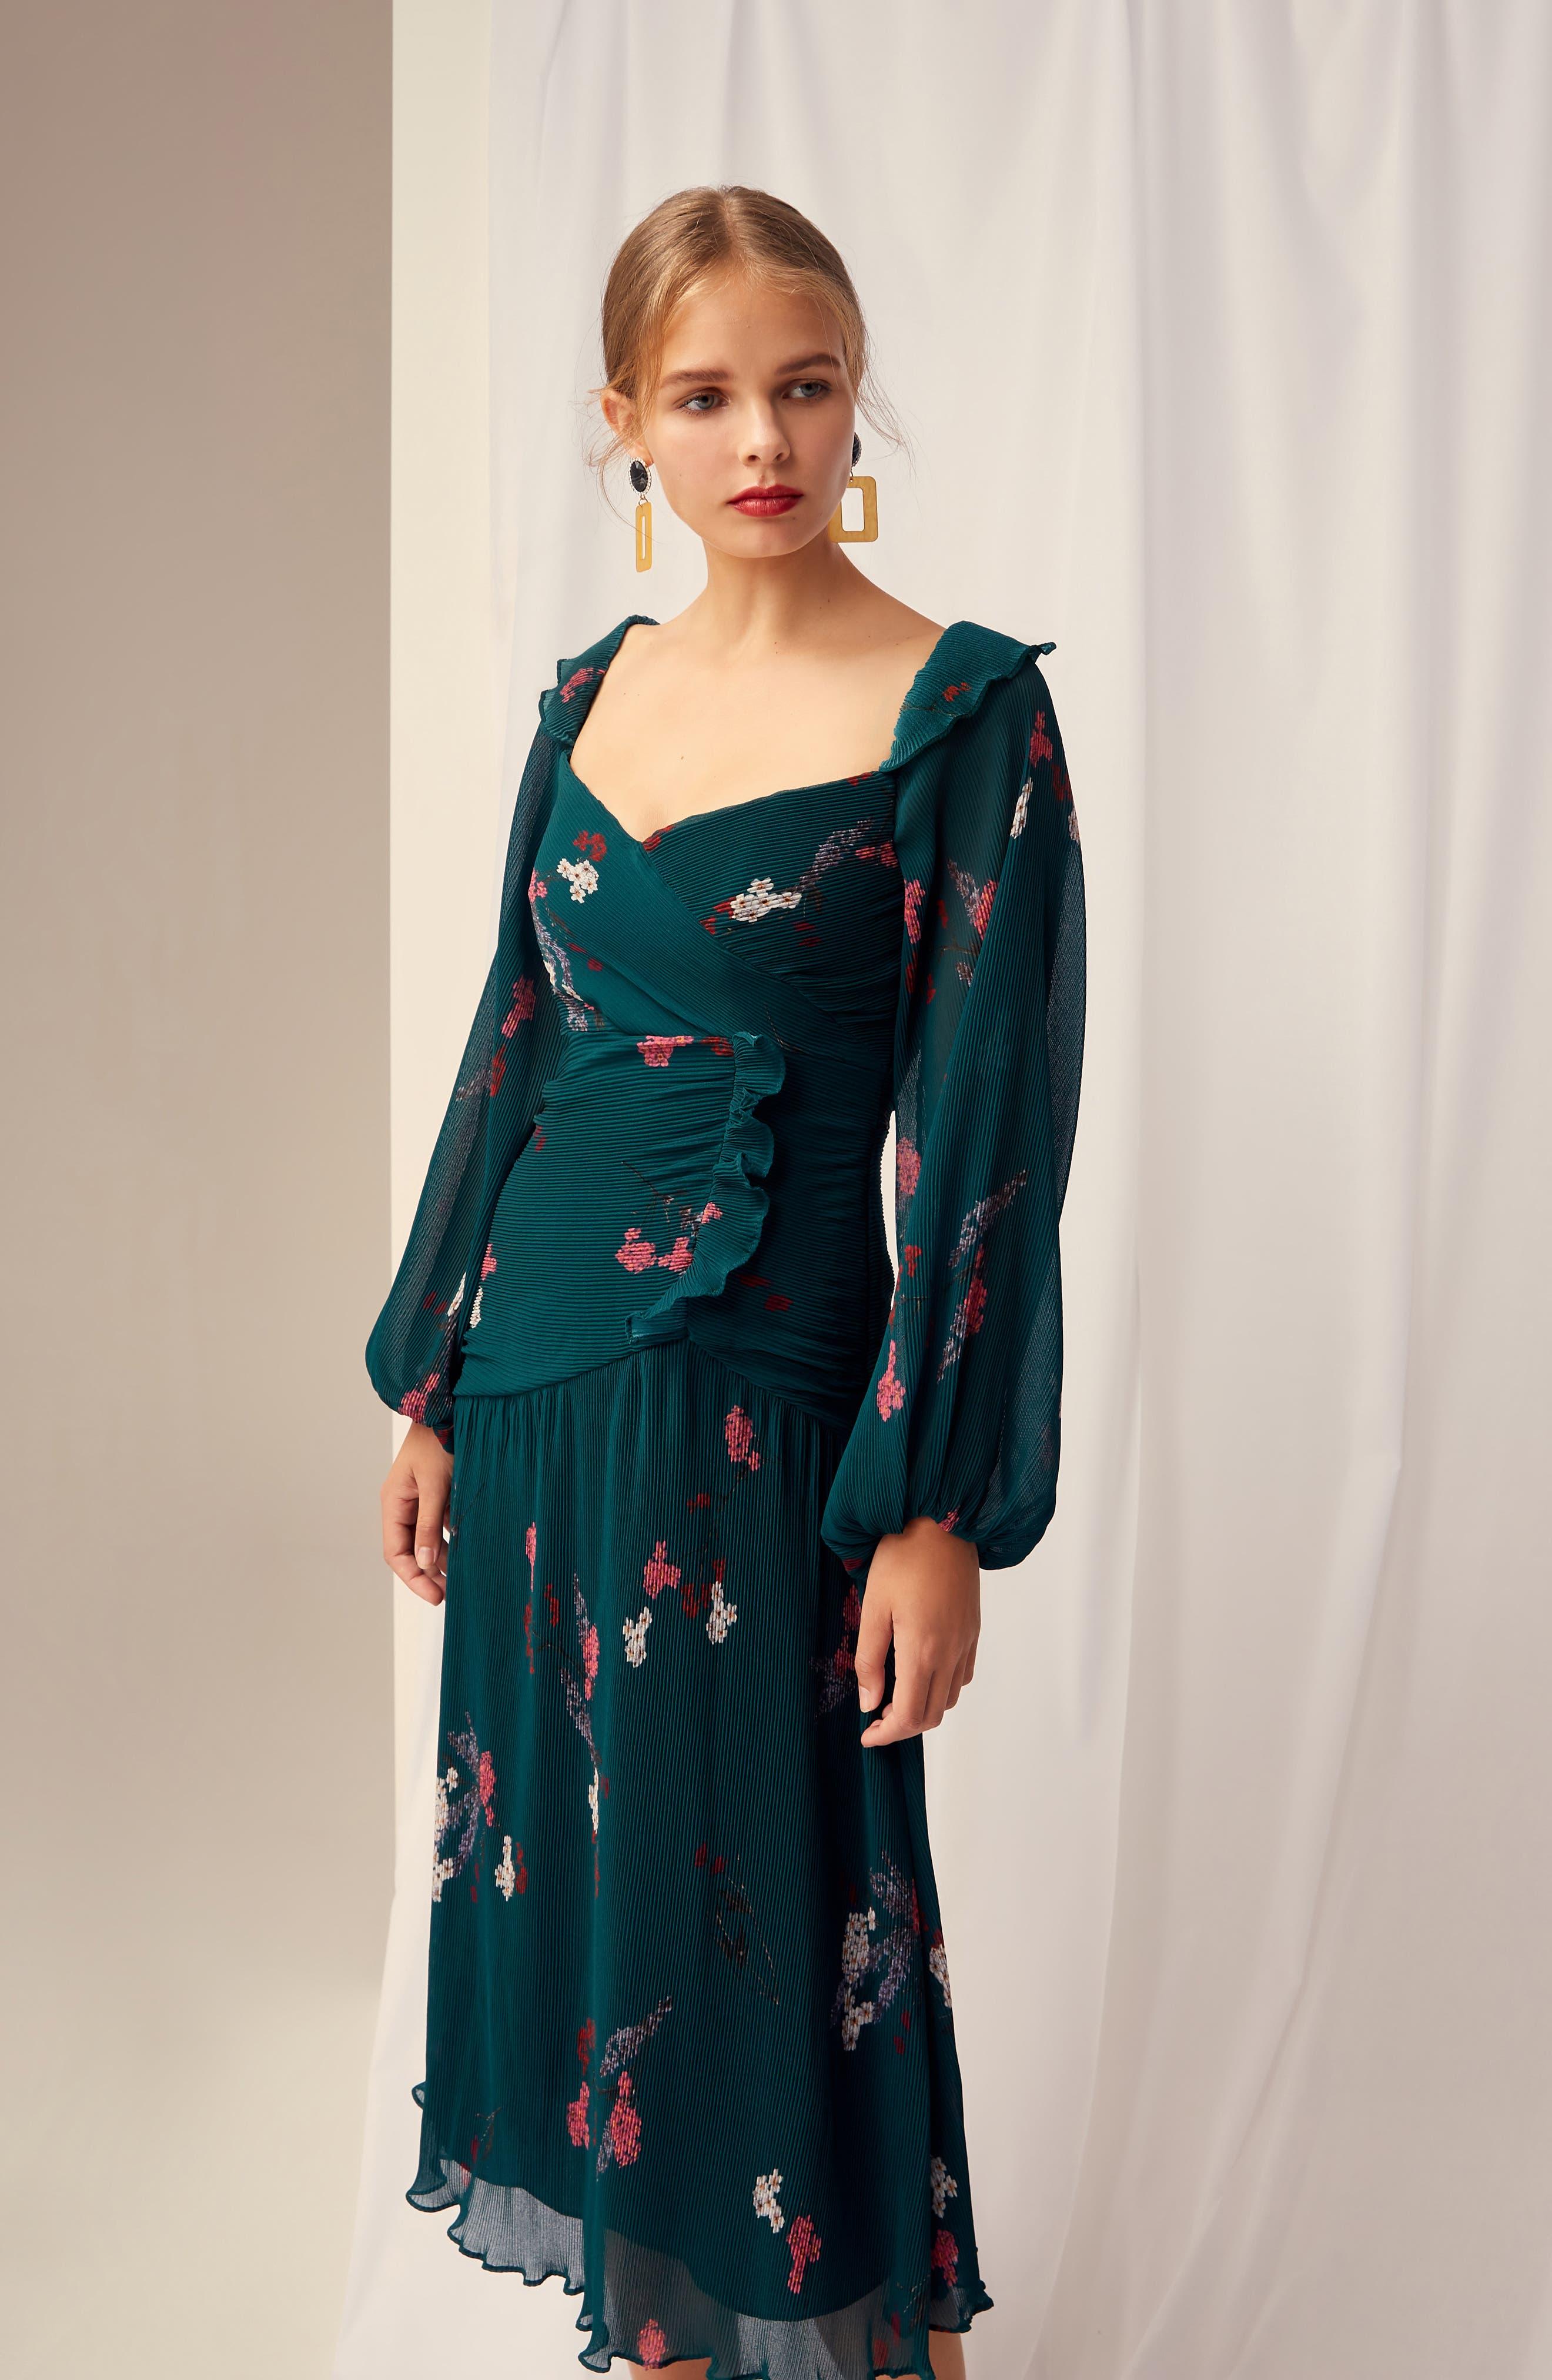 Night Fall Midi Dress,                             Alternate thumbnail 8, color,                             310